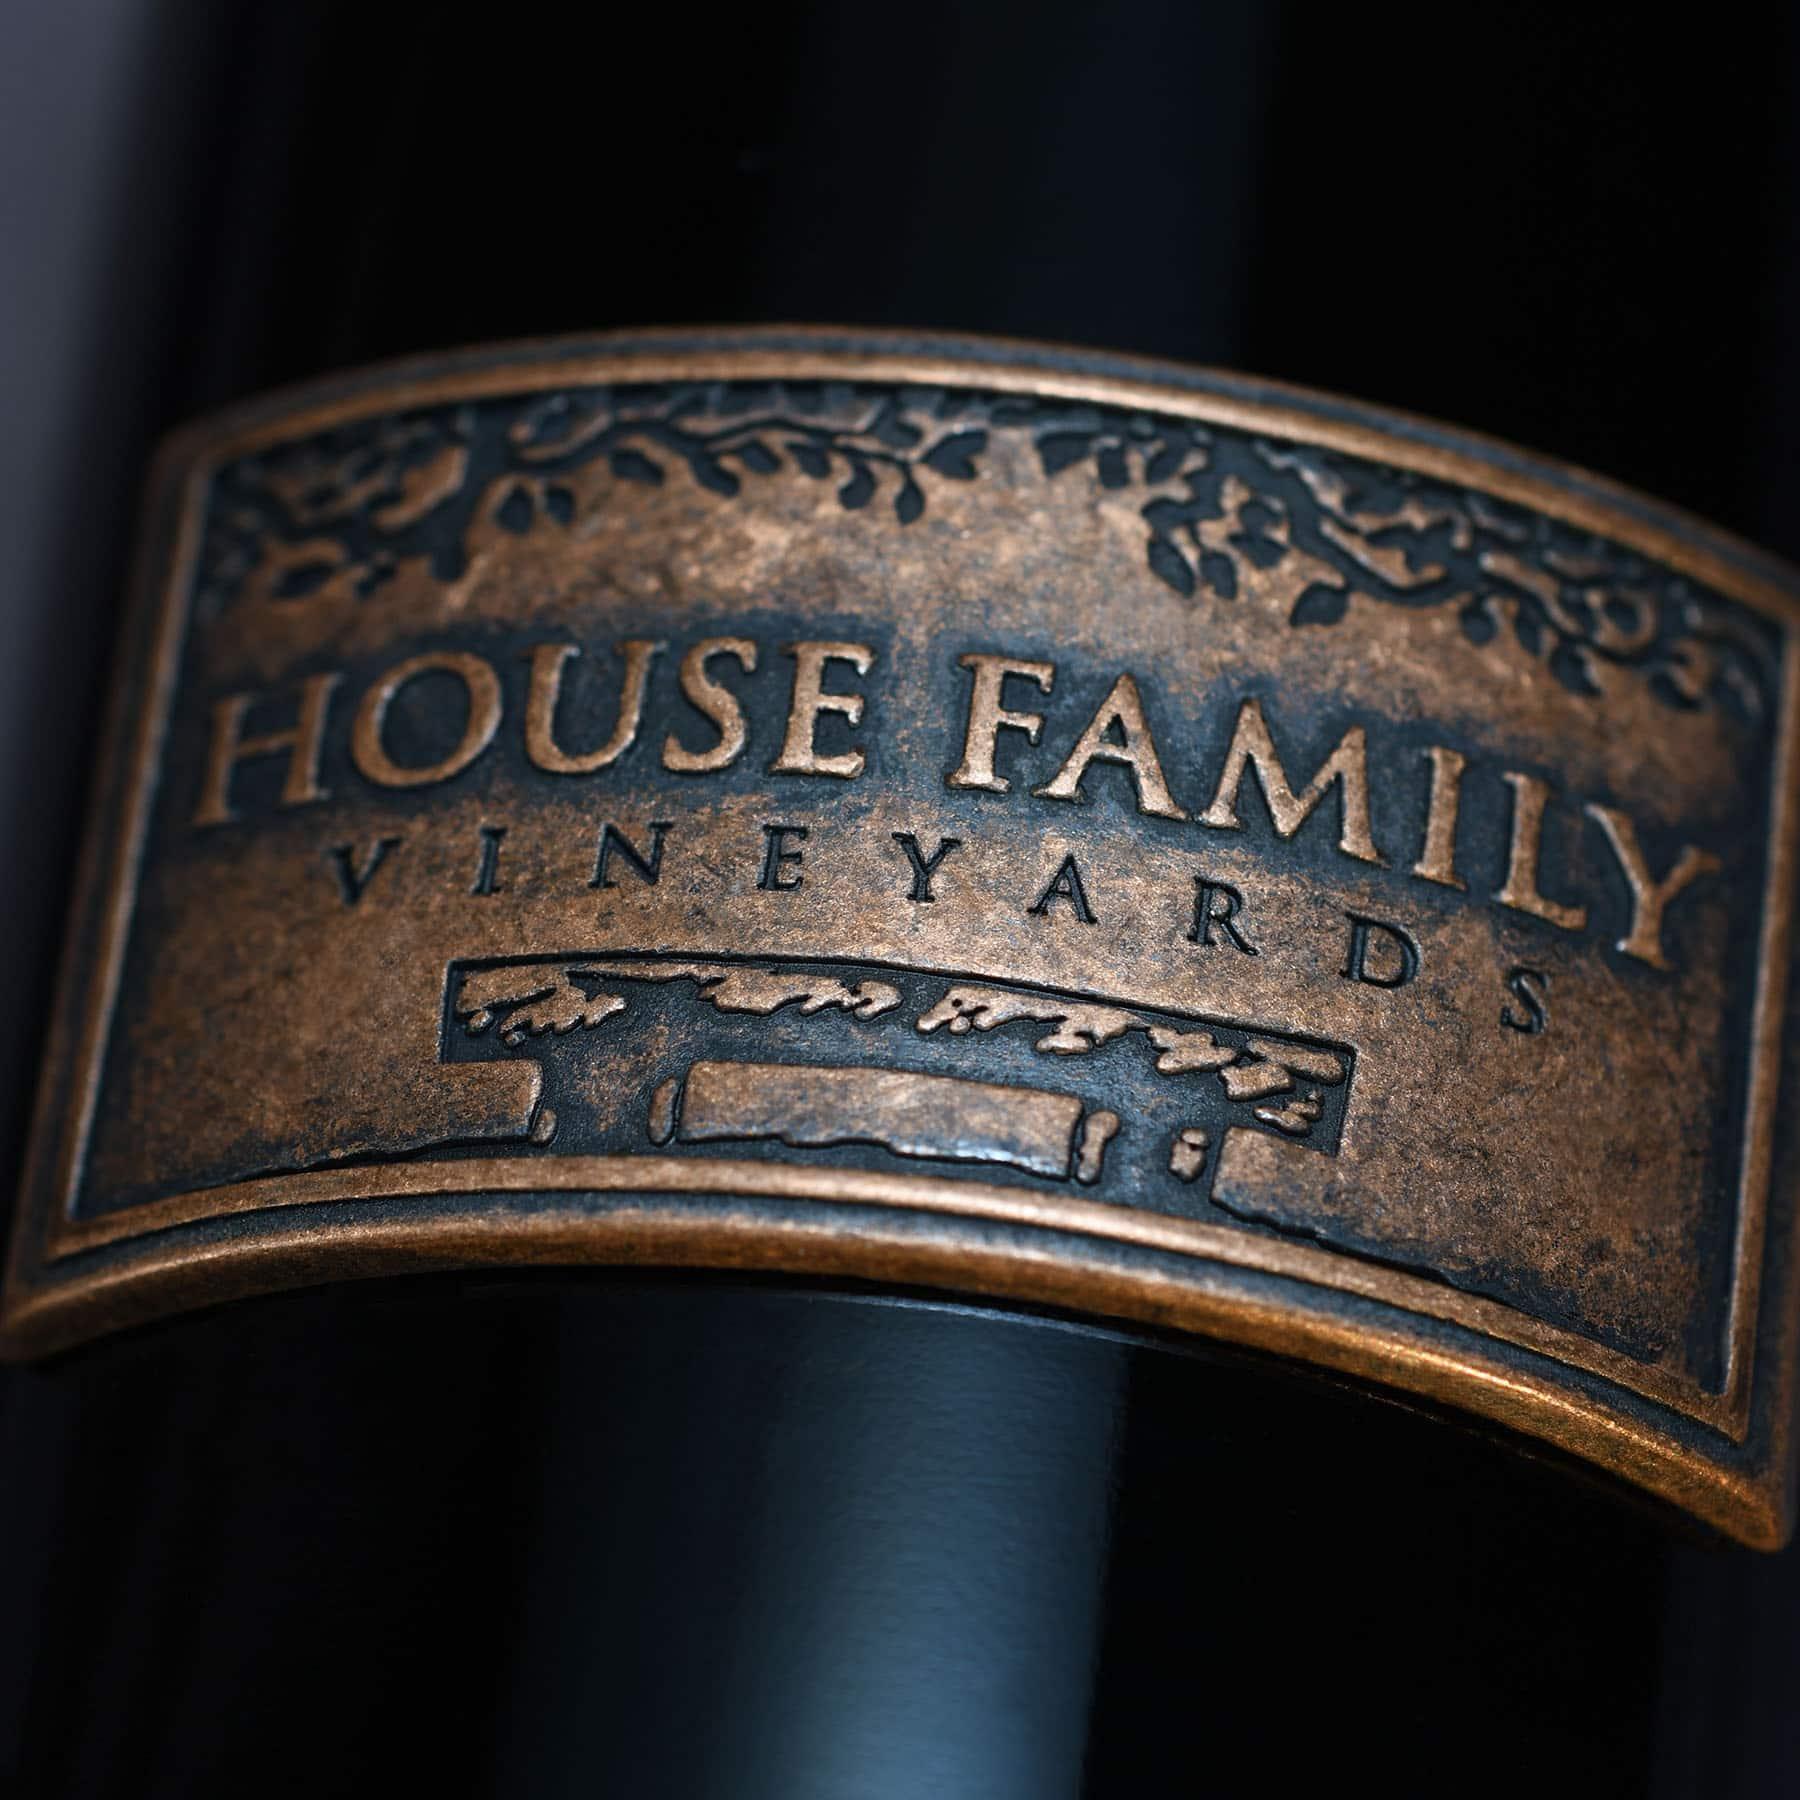 House Family Vineyards embossed logo